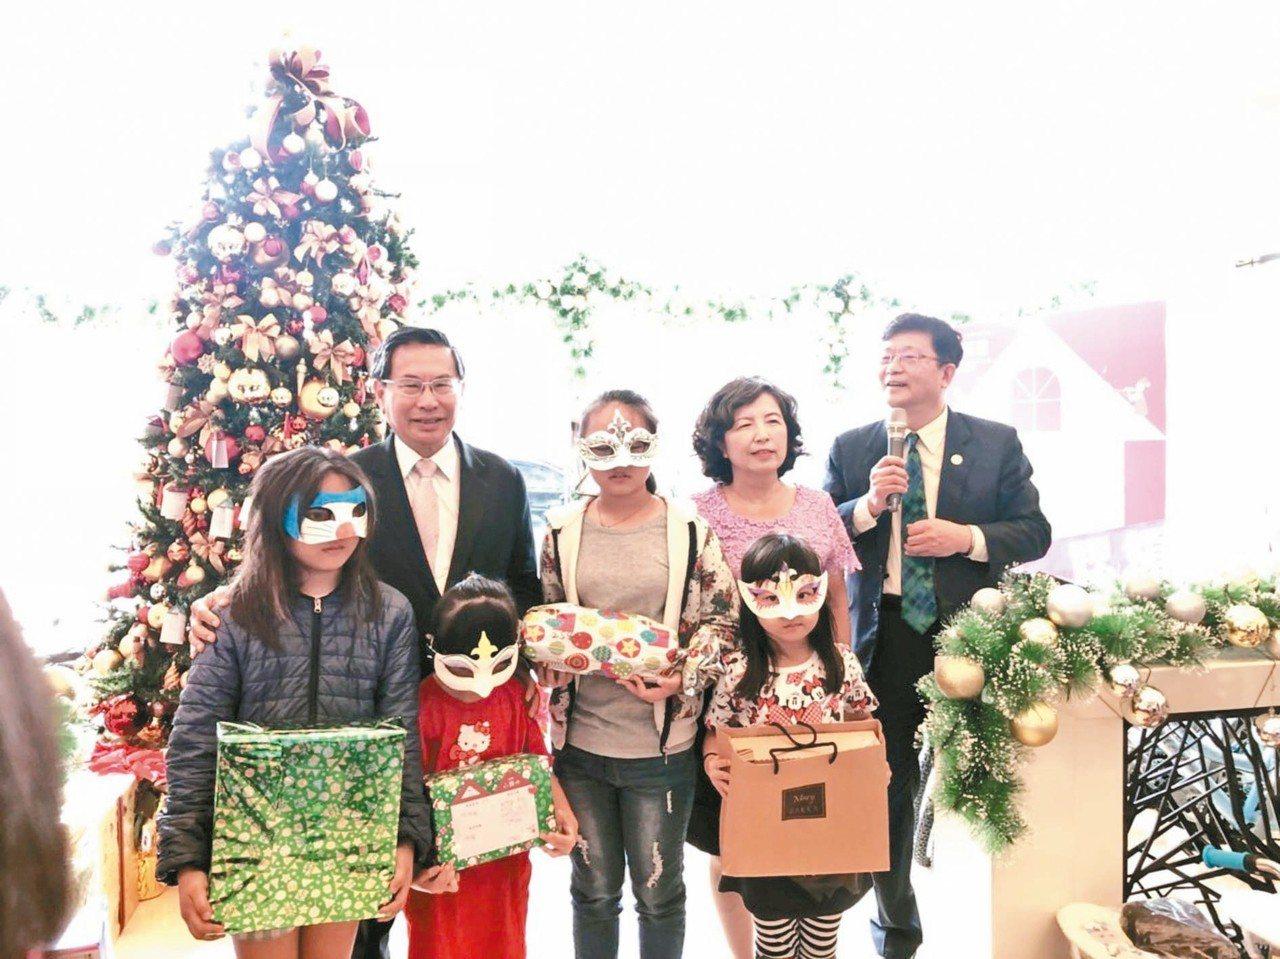 耐斯王子大飯店連續12年舉辦聖誕心願卡活動,450個孩童的心願背後各有感人故事。...